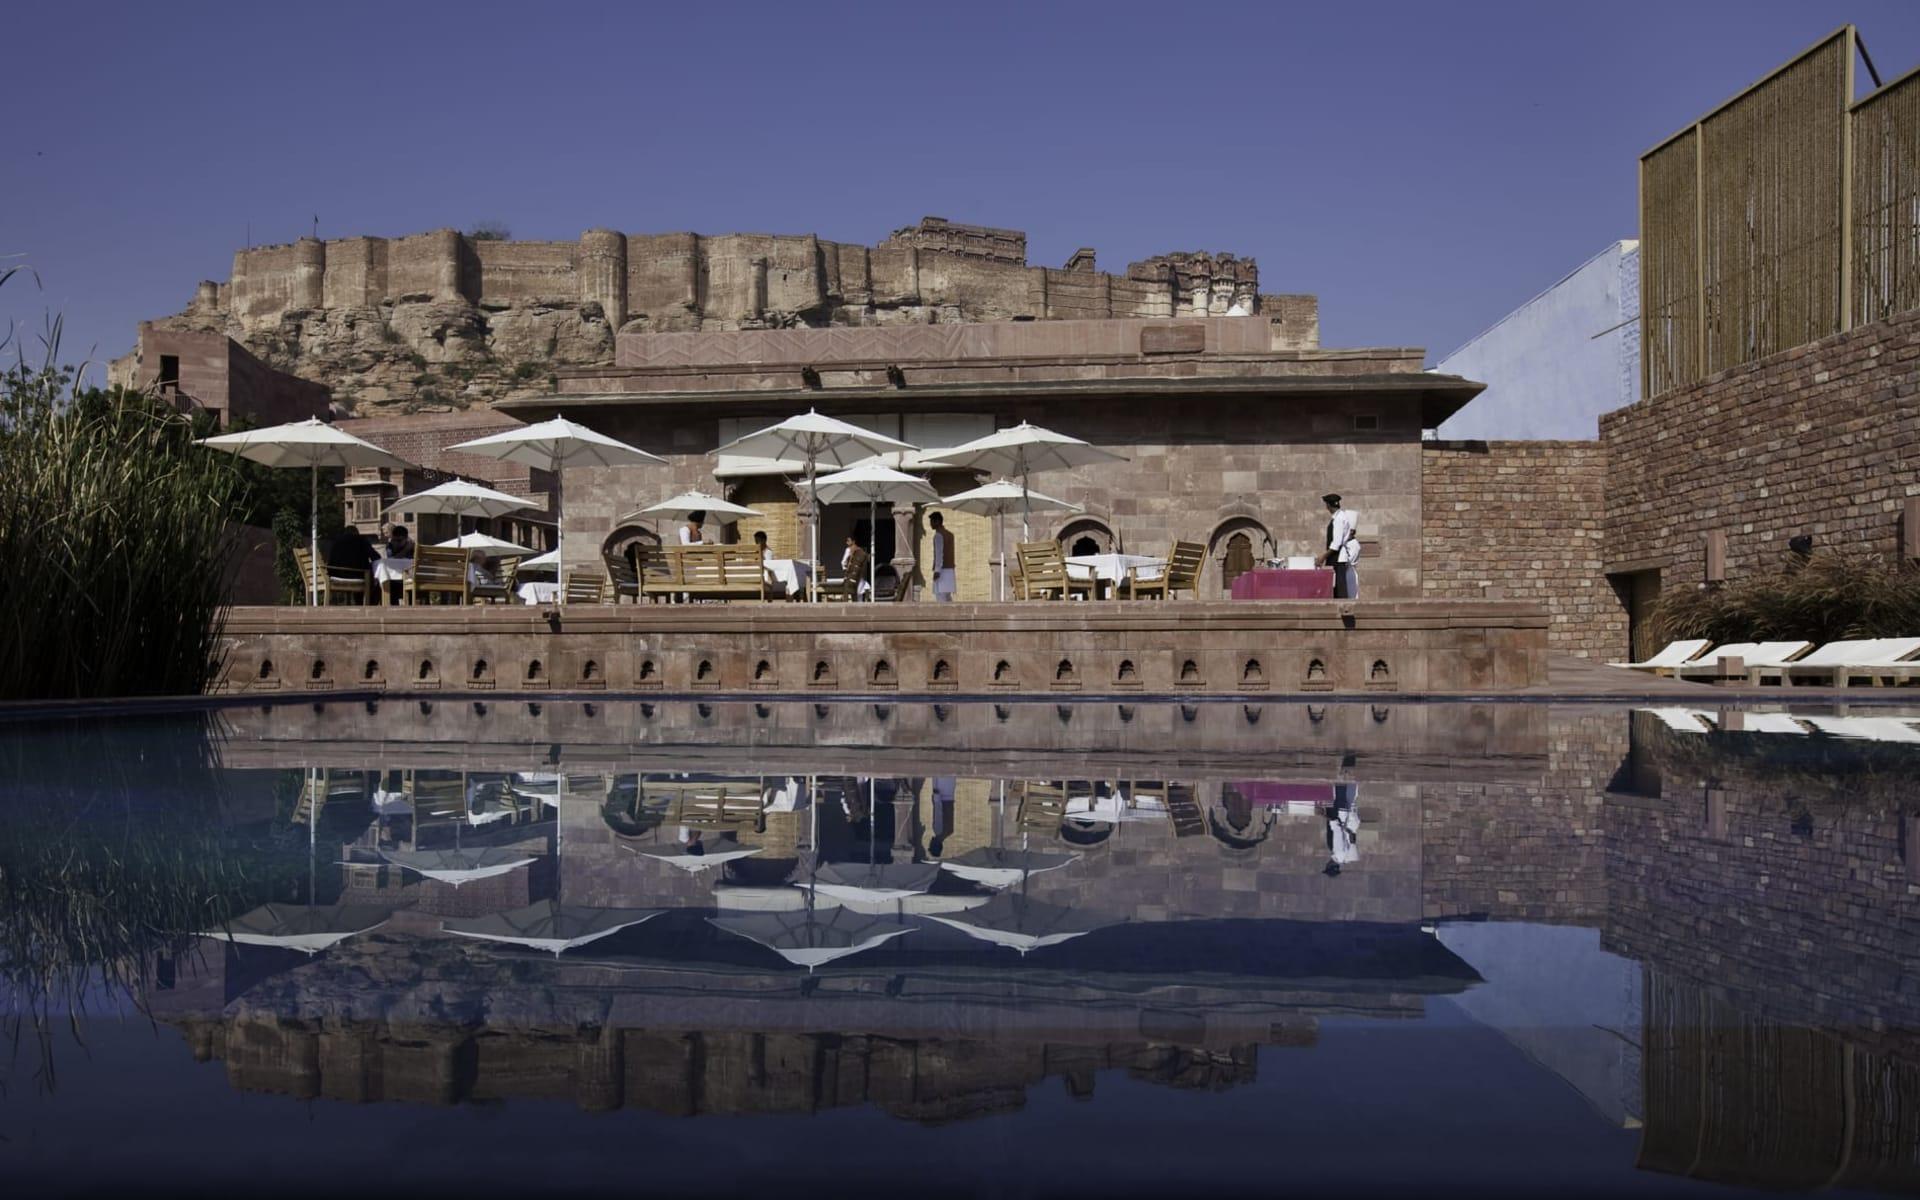 RAAS in Jodhpur: Baradari Restaurant View